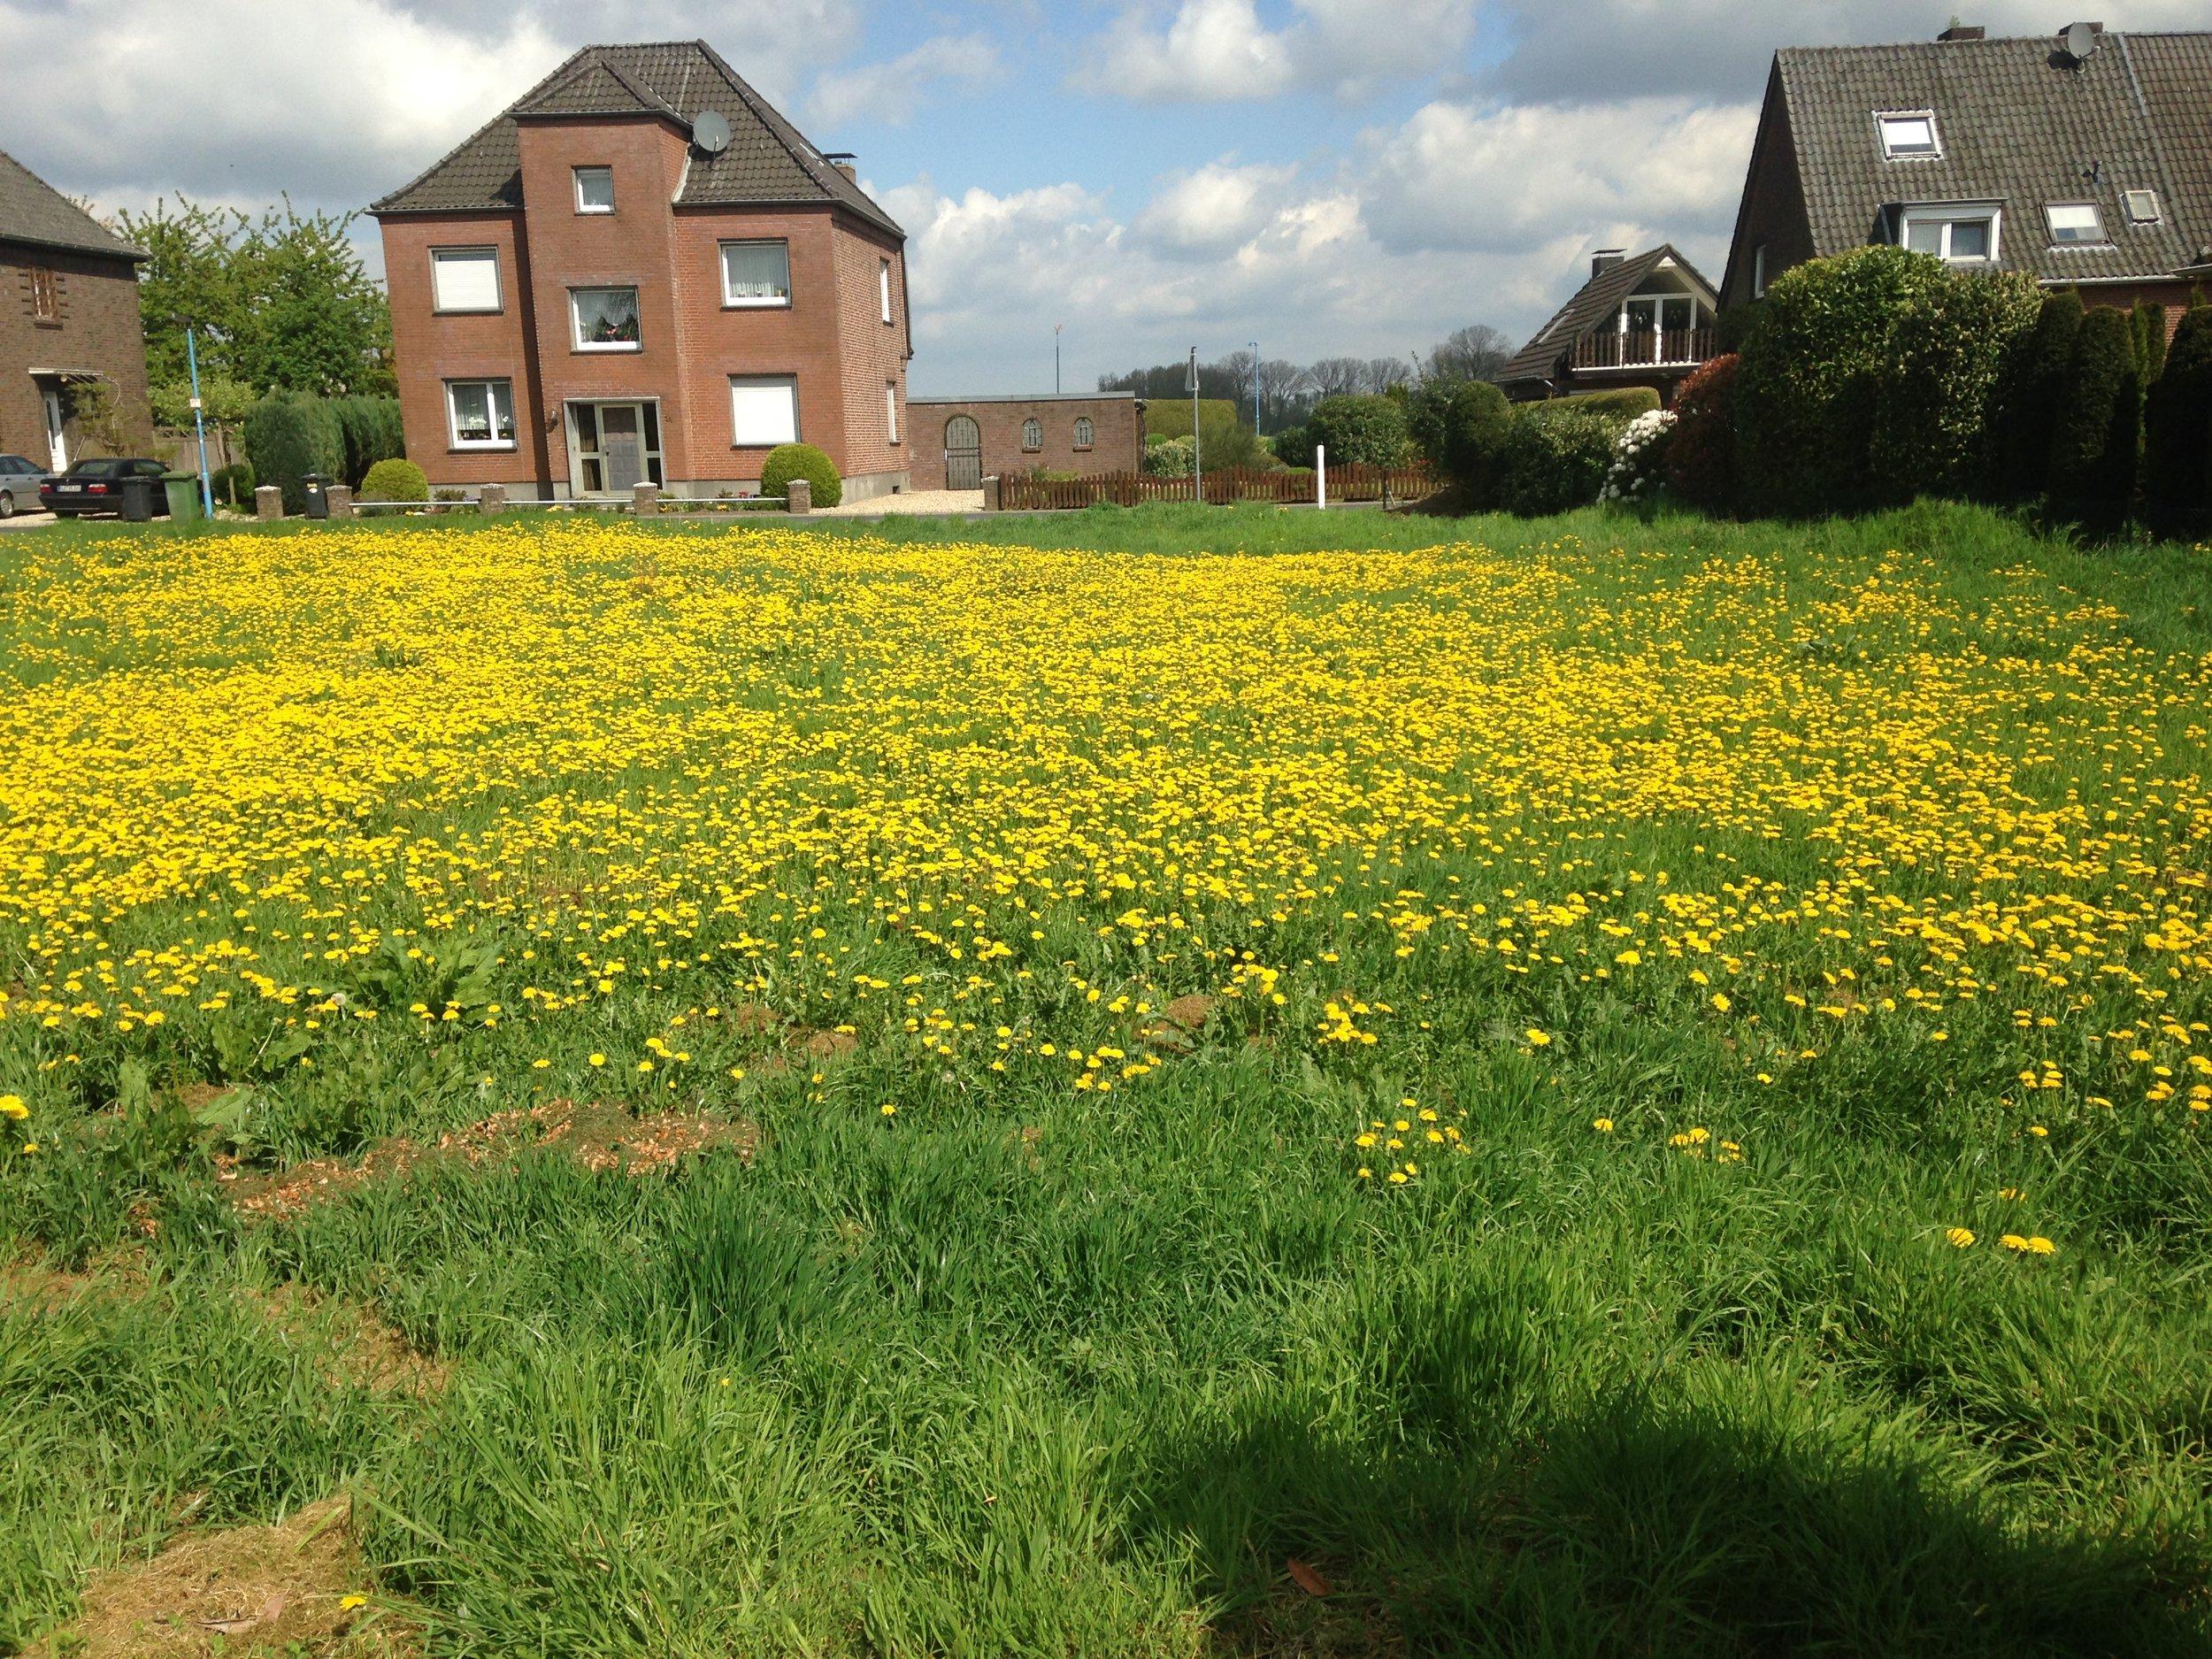 Field of dandelions across for the school yard